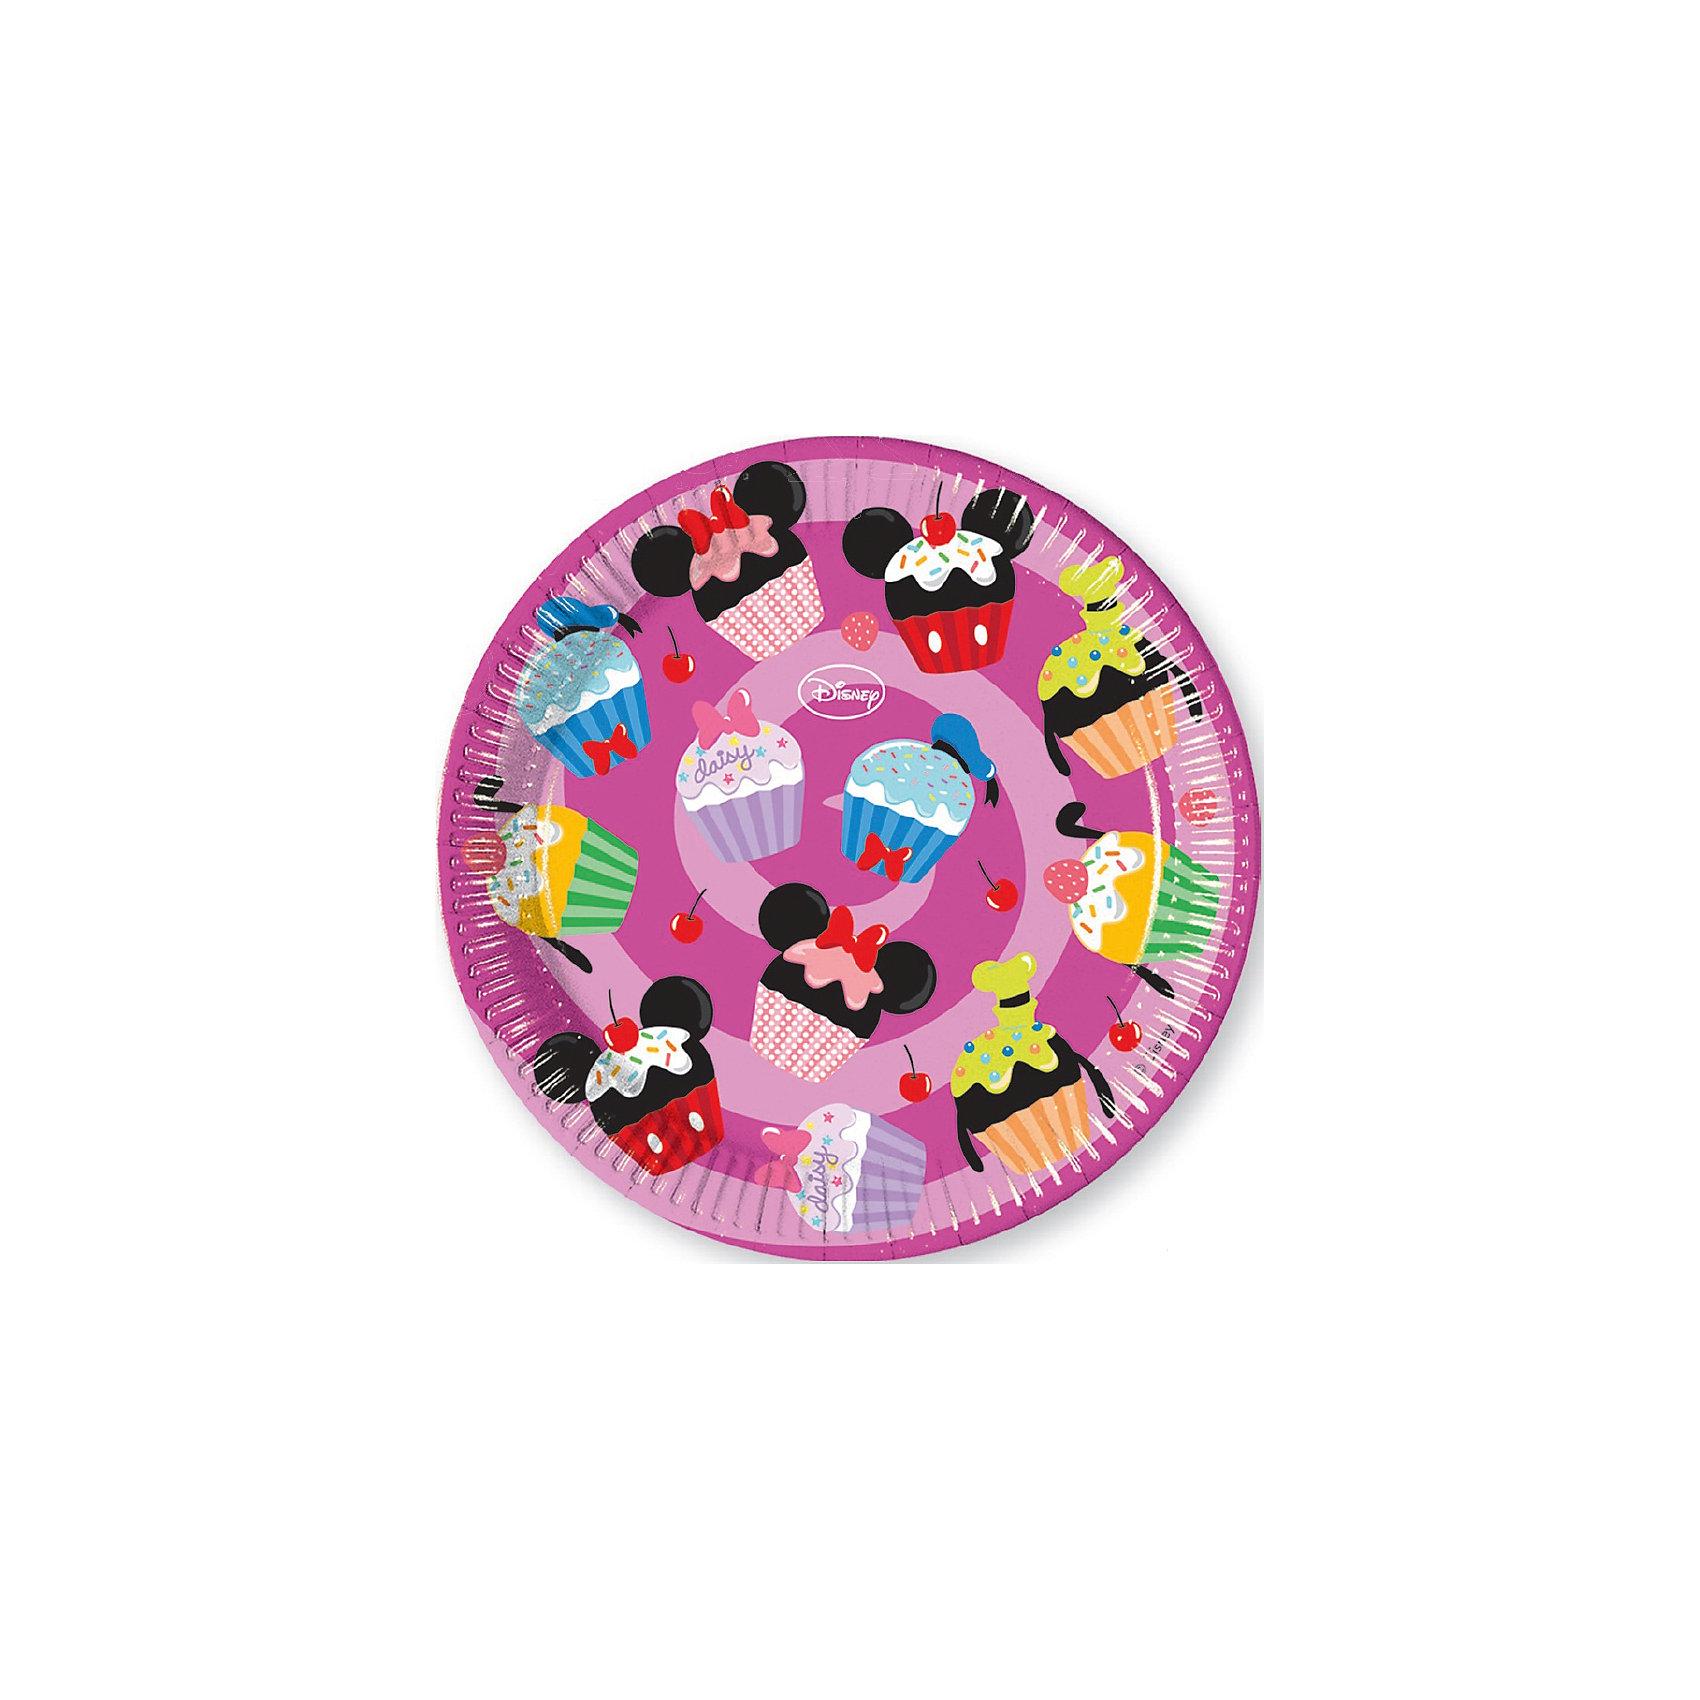 Тарелки Микки и его друзья - сладости 23 см, 8 шт.Всё для праздника<br>Характеристики товара:<br><br>• возраст: от 3 лет;<br>• упаковка: пакет;<br>• размер упаковки: 23х23х2 см.;<br>• количество тарелок: 8 шт.;<br>• размер тарелки: 23 см.;<br>• цвет: розовый;<br>• материал: картон;<br>• бренд, страна: Procos, Россия;<br>• страна-производитель: Греция<br><br>Тарелки  «Микки и его друзья – сладости» помогут не только оригинально и необычно украсить праздничный стол, и создать незабываемую атмосферу праздника, но и обезопасят вас и ваших детей от разбитой посуды. <br><br>Тарелки сделаны из качественных материалов, не токсичны, противоаллергенны и безопасны для здоровья.<br><br>Тарелки  «Микки и его друзья – сладости» , 23 см., 8 шт., Procos (Прокос)  можно купить в нашем интернет-магазине.<br><br>Ширина мм: 20<br>Глубина мм: 222<br>Высота мм: 222<br>Вес г: 10<br>Возраст от месяцев: 36<br>Возраст до месяцев: 120<br>Пол: Унисекс<br>Возраст: Детский<br>SKU: 6914343